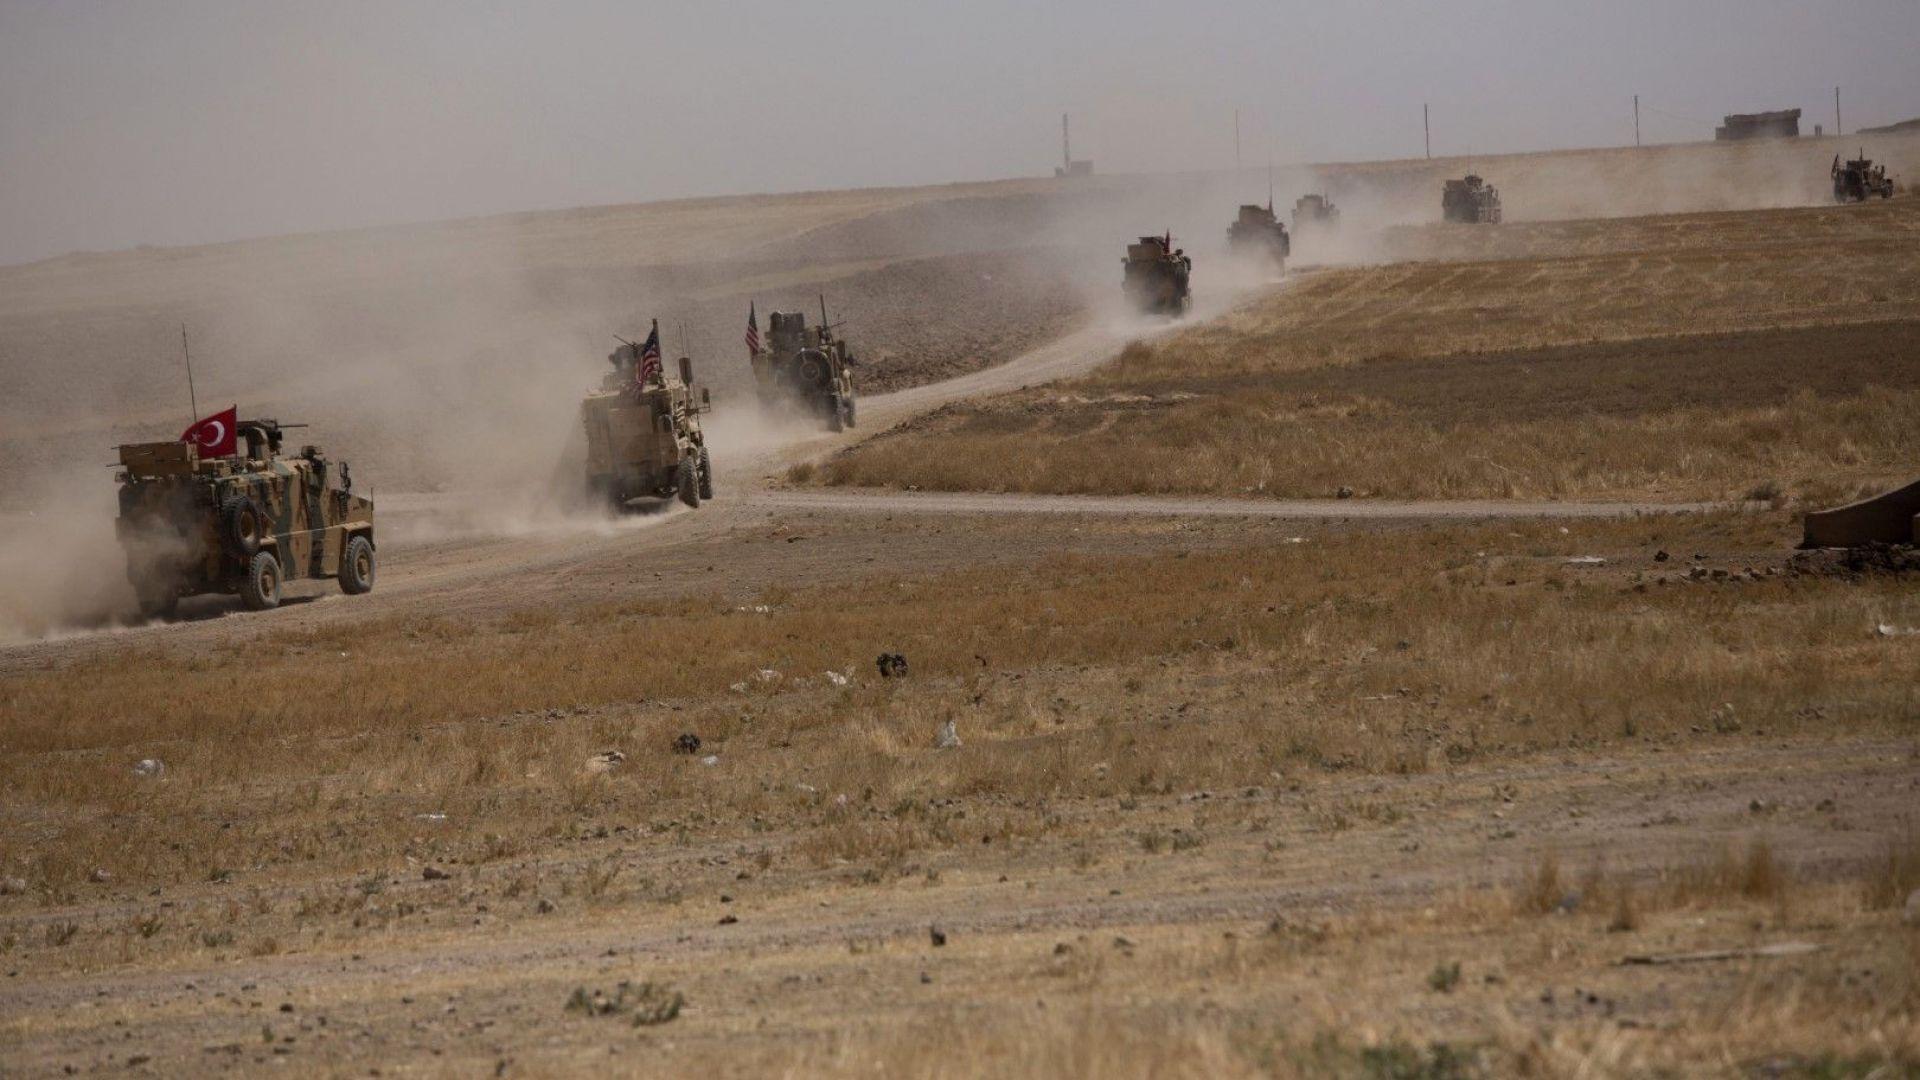 Първото съвместно турско-американско сухопътно патрулиране в планираната зона за сигурност